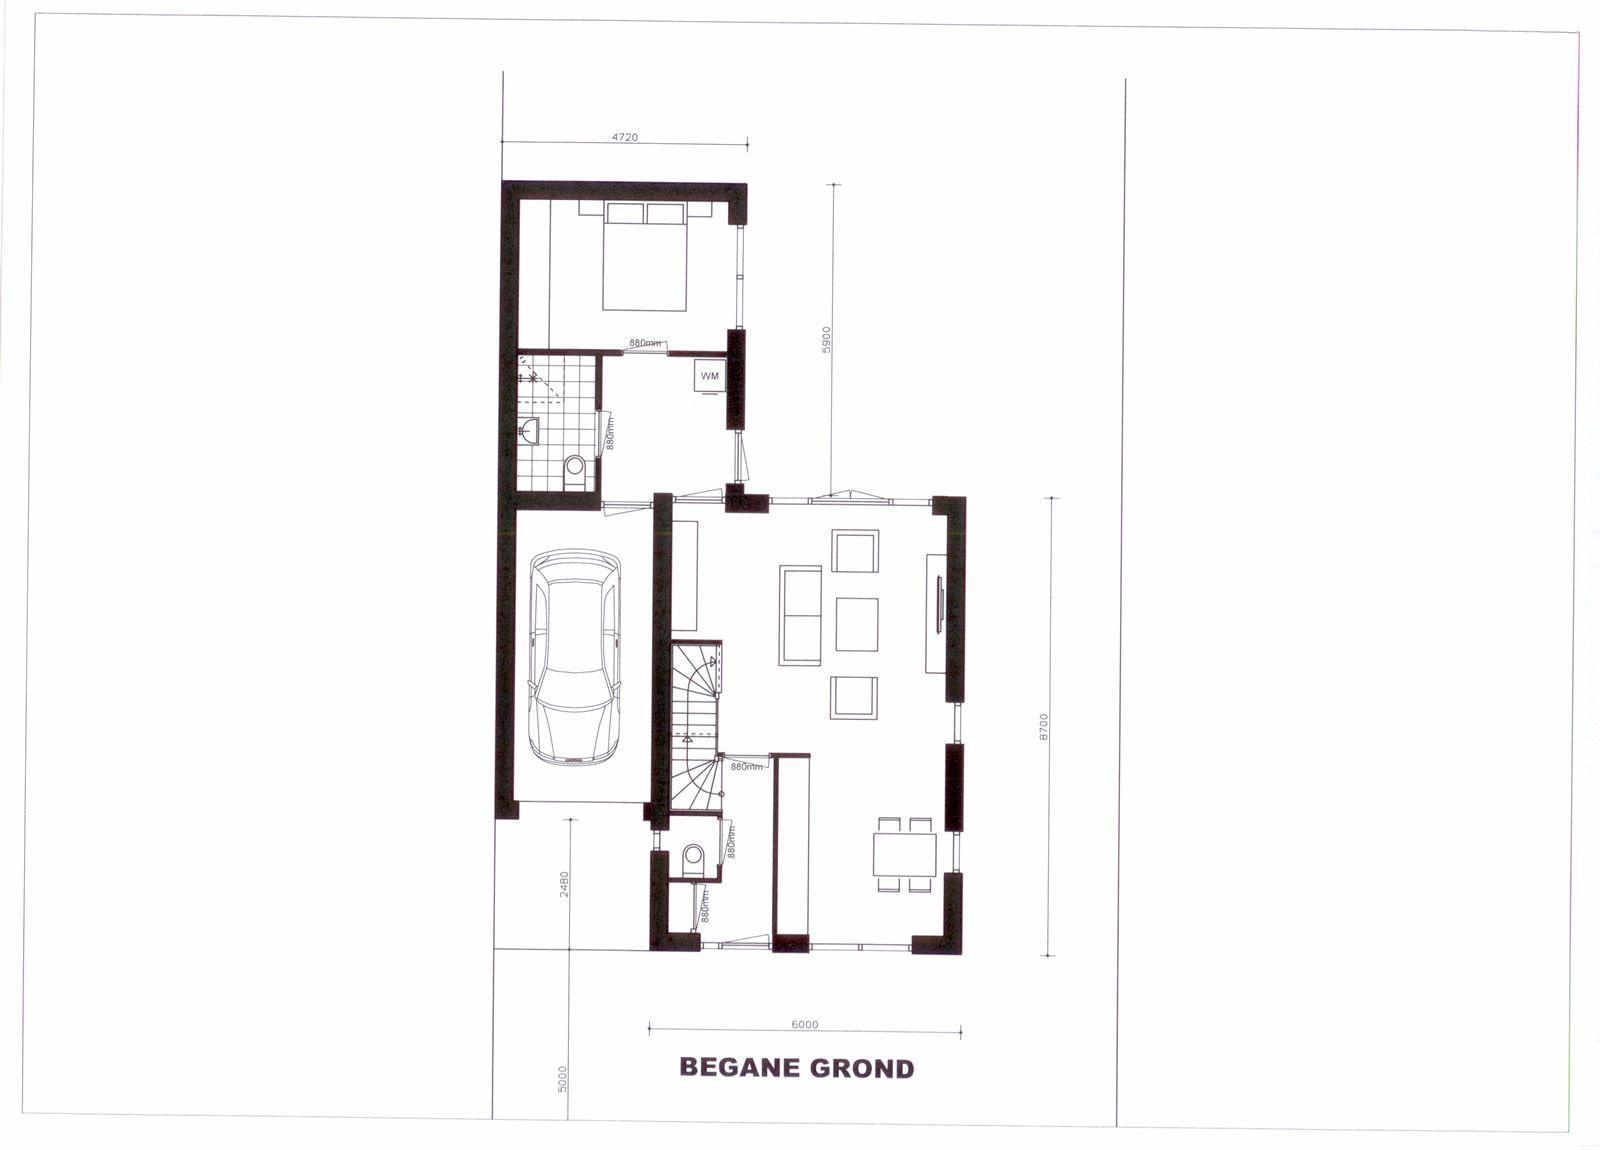 Plattegrond levensloopbestendige woning google zoeken for Plattegrond woning indeling